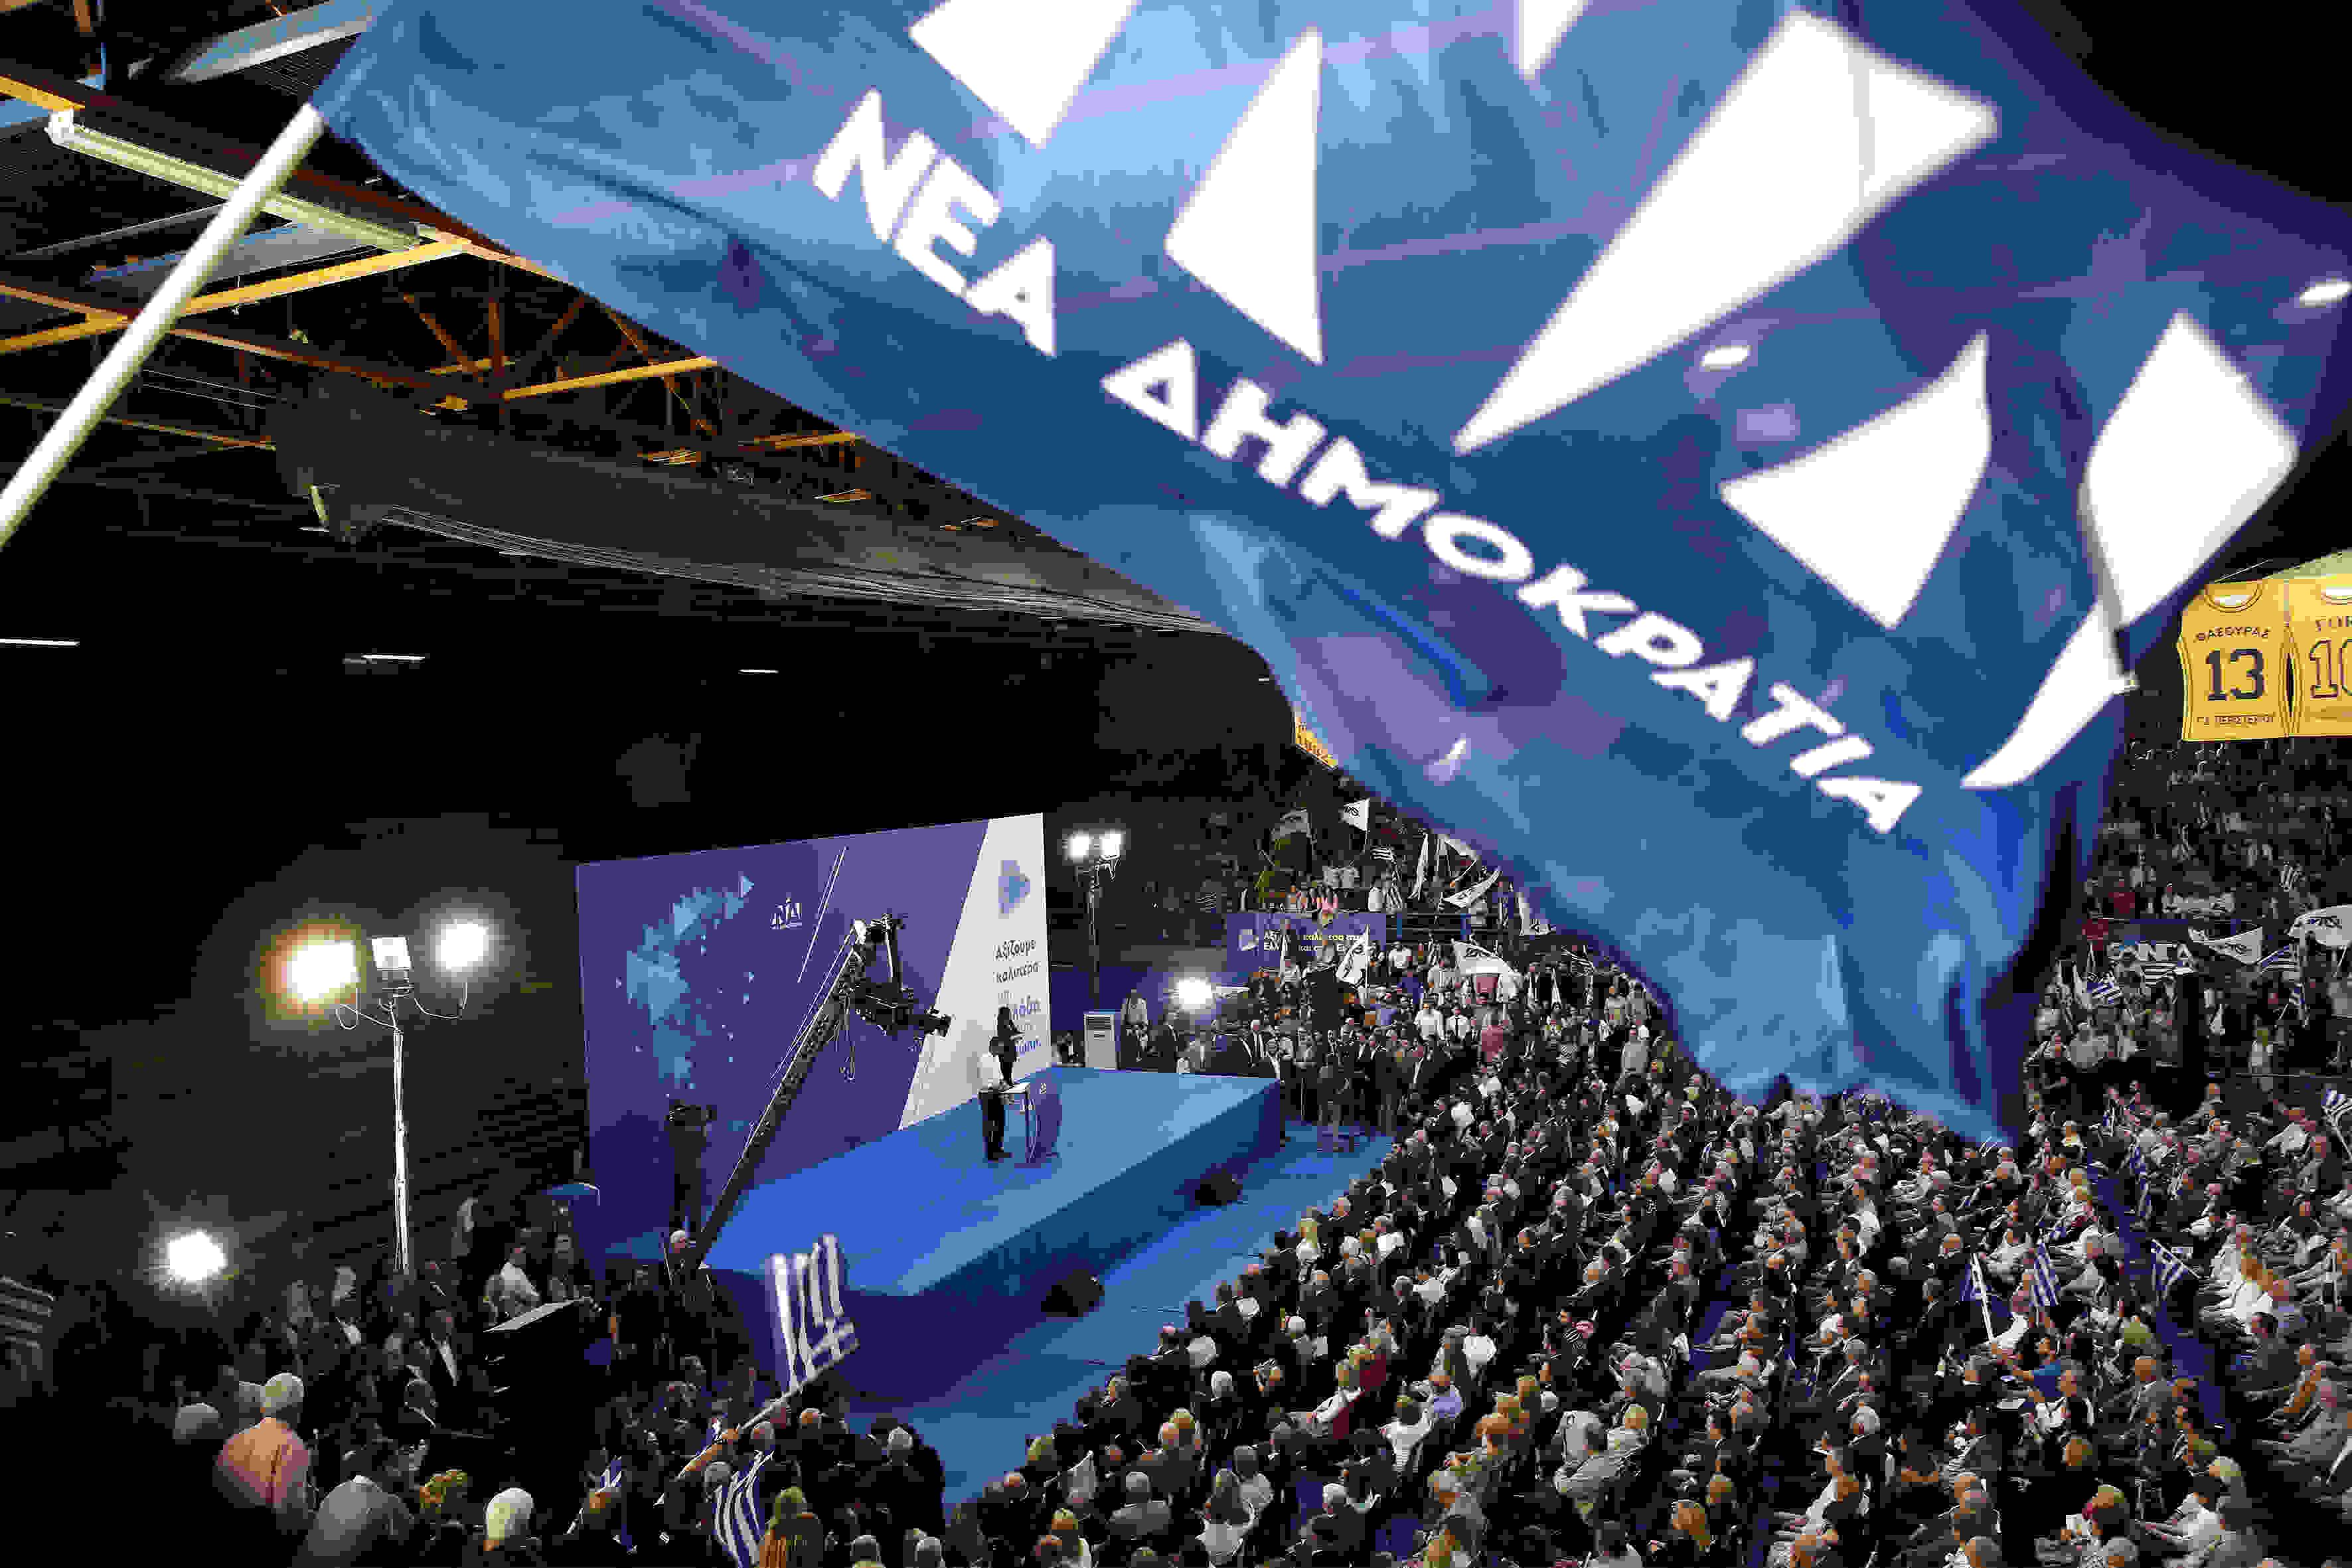 Ο πρόεδρος της ΝΔ Κυριάκος Μητσοτάκης, μιλάει στην προεκλογική συγκέντρωση του κόμματος ενόψει των ευρωκλογών και αυτοδιοικητικών εκλογών στο κλειστό γυμναστήριο του Περιστερίου, Τετάρτη 22 Μαΐου 2019. ΑΠΕ ΜΠΕ/ΑΠΕ ΜΠΕ/ΑΛΕΞΑΝΔΡΟΣ ΒΛΑΧΟΣ